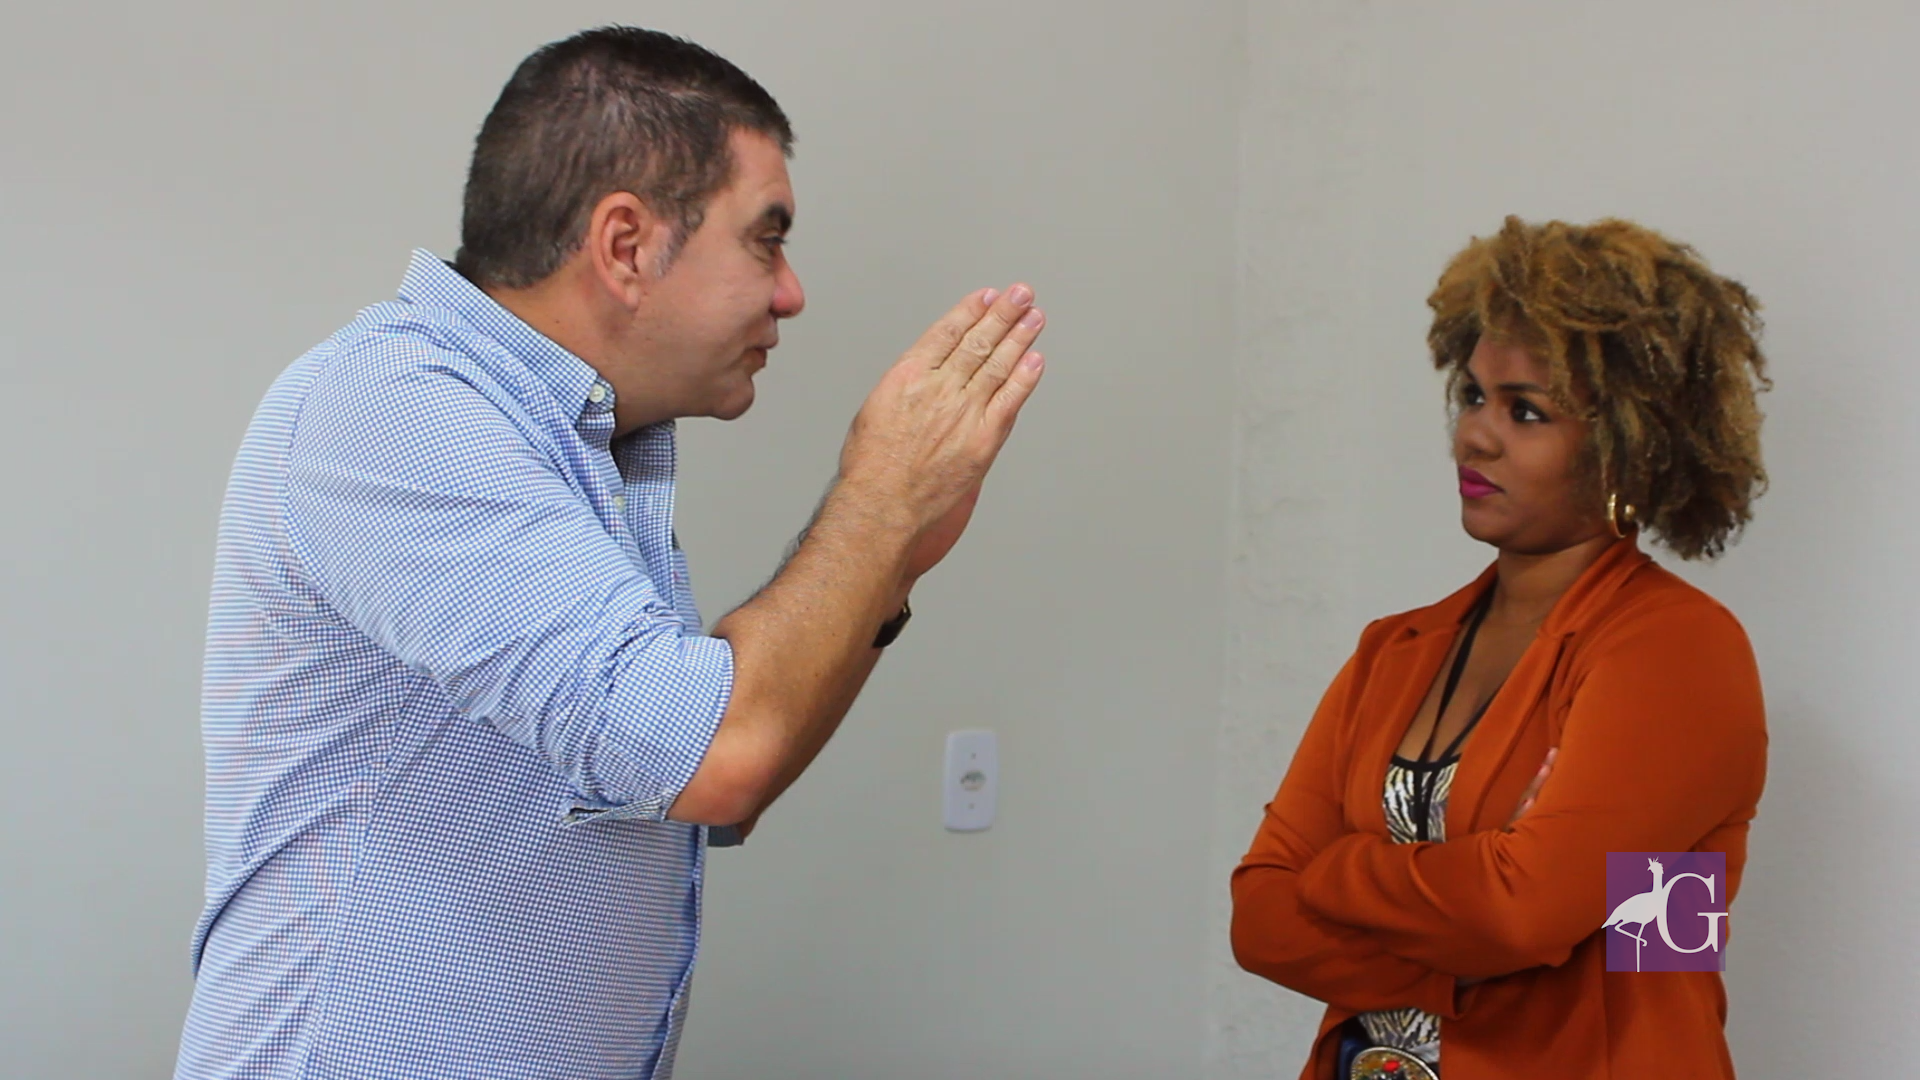 Entrevista Carlos Amastha - Reeleito Palmas 2016.Still001